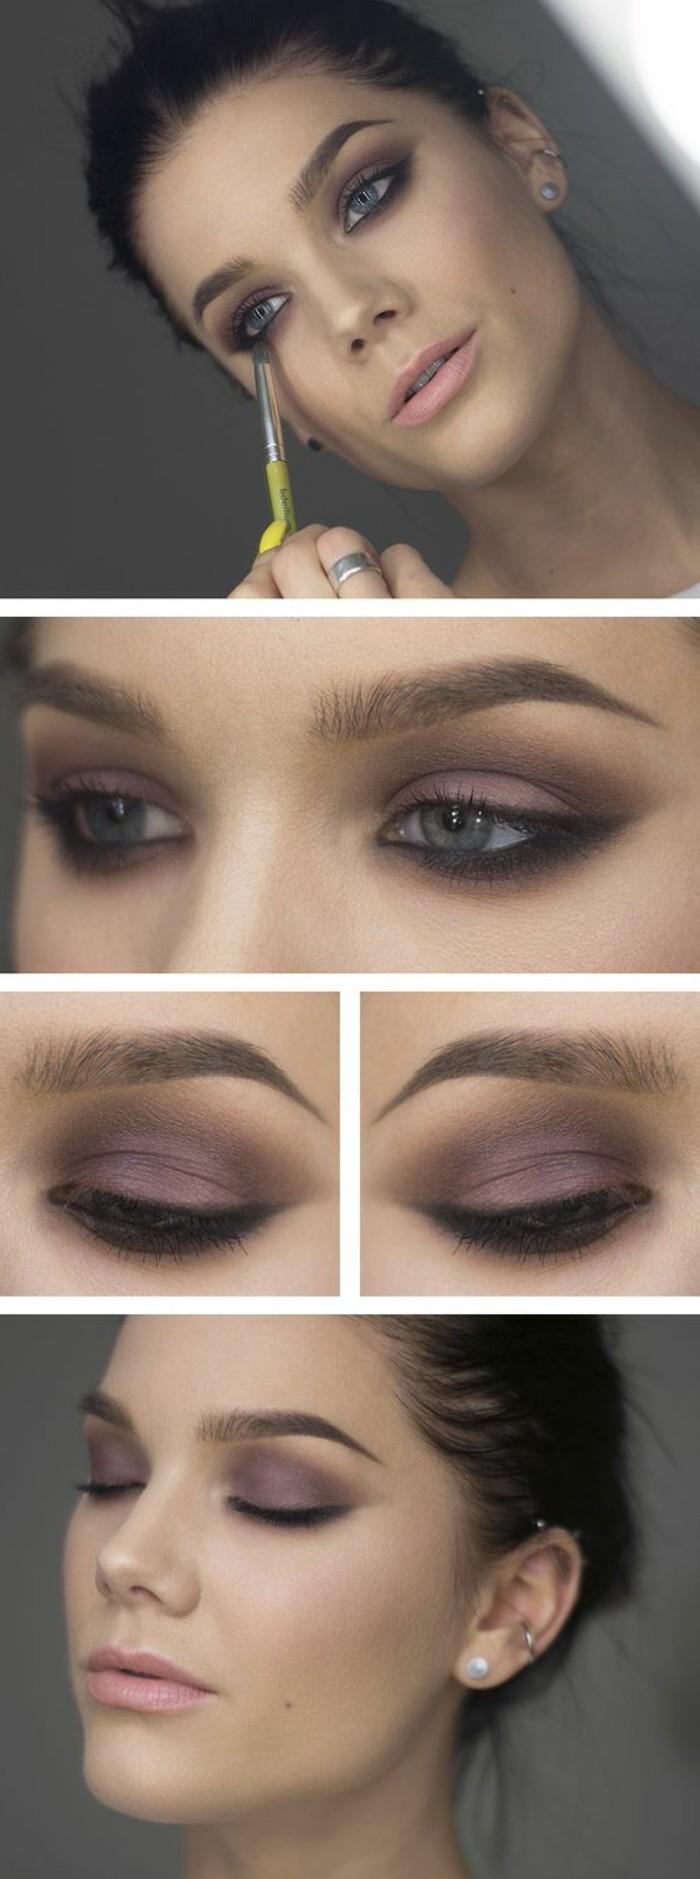 000-maquillage-smokey-eye-tuto-maquillage-yeux-bleus-maquillage-année-60